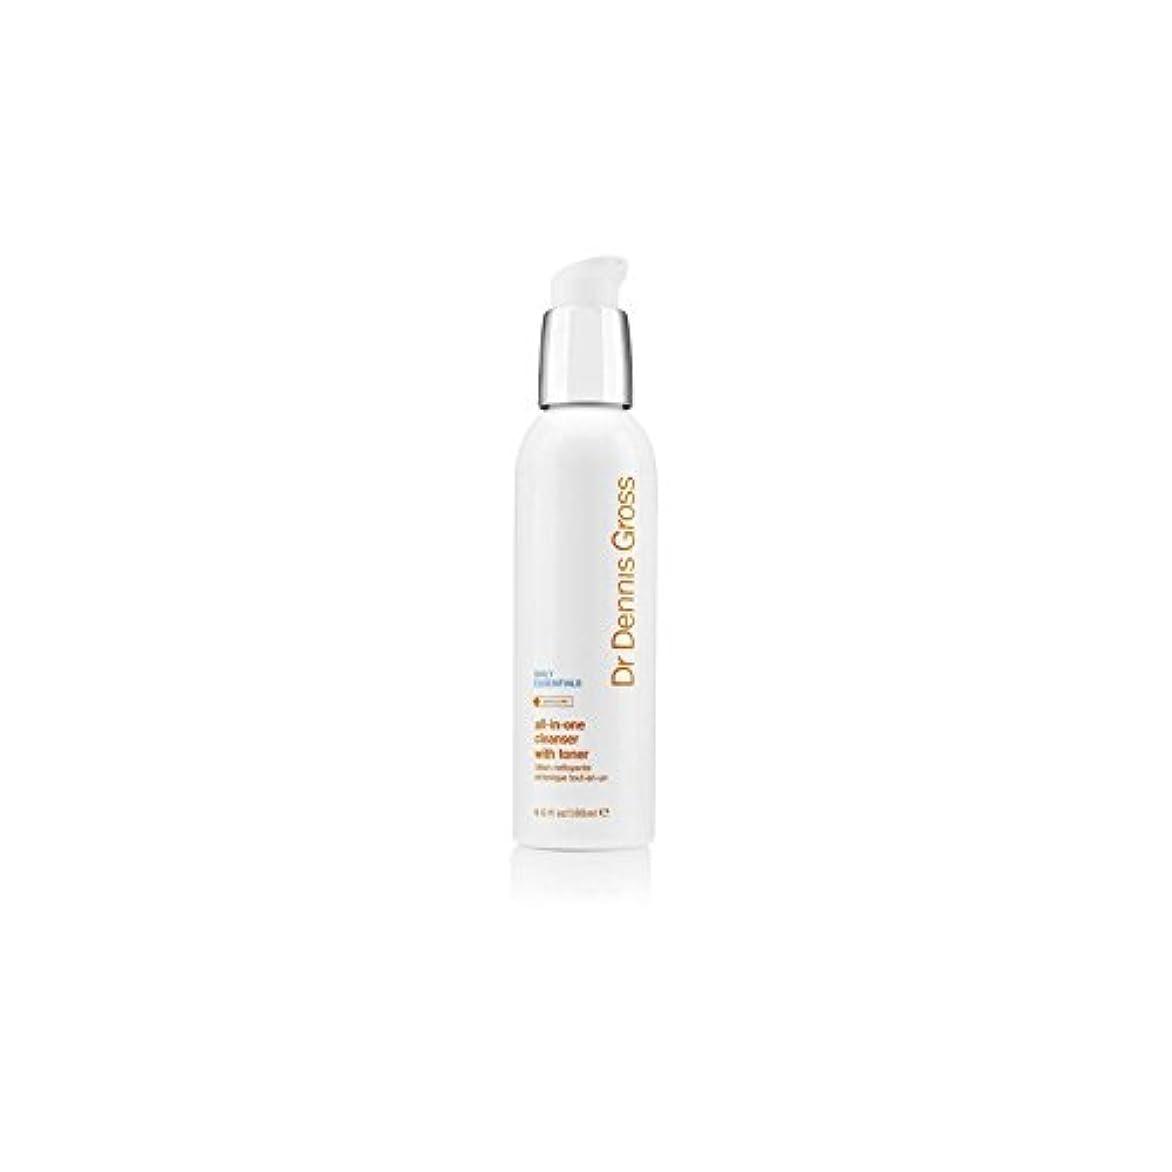 ポット噴火勇者Dr Dennis Gross All-In-One Facial Cleanser With Toner (180ml) (Pack of 6) - デニスグロスオールインワントナー(180ミリリットル)とフェイシャルクレンザー...